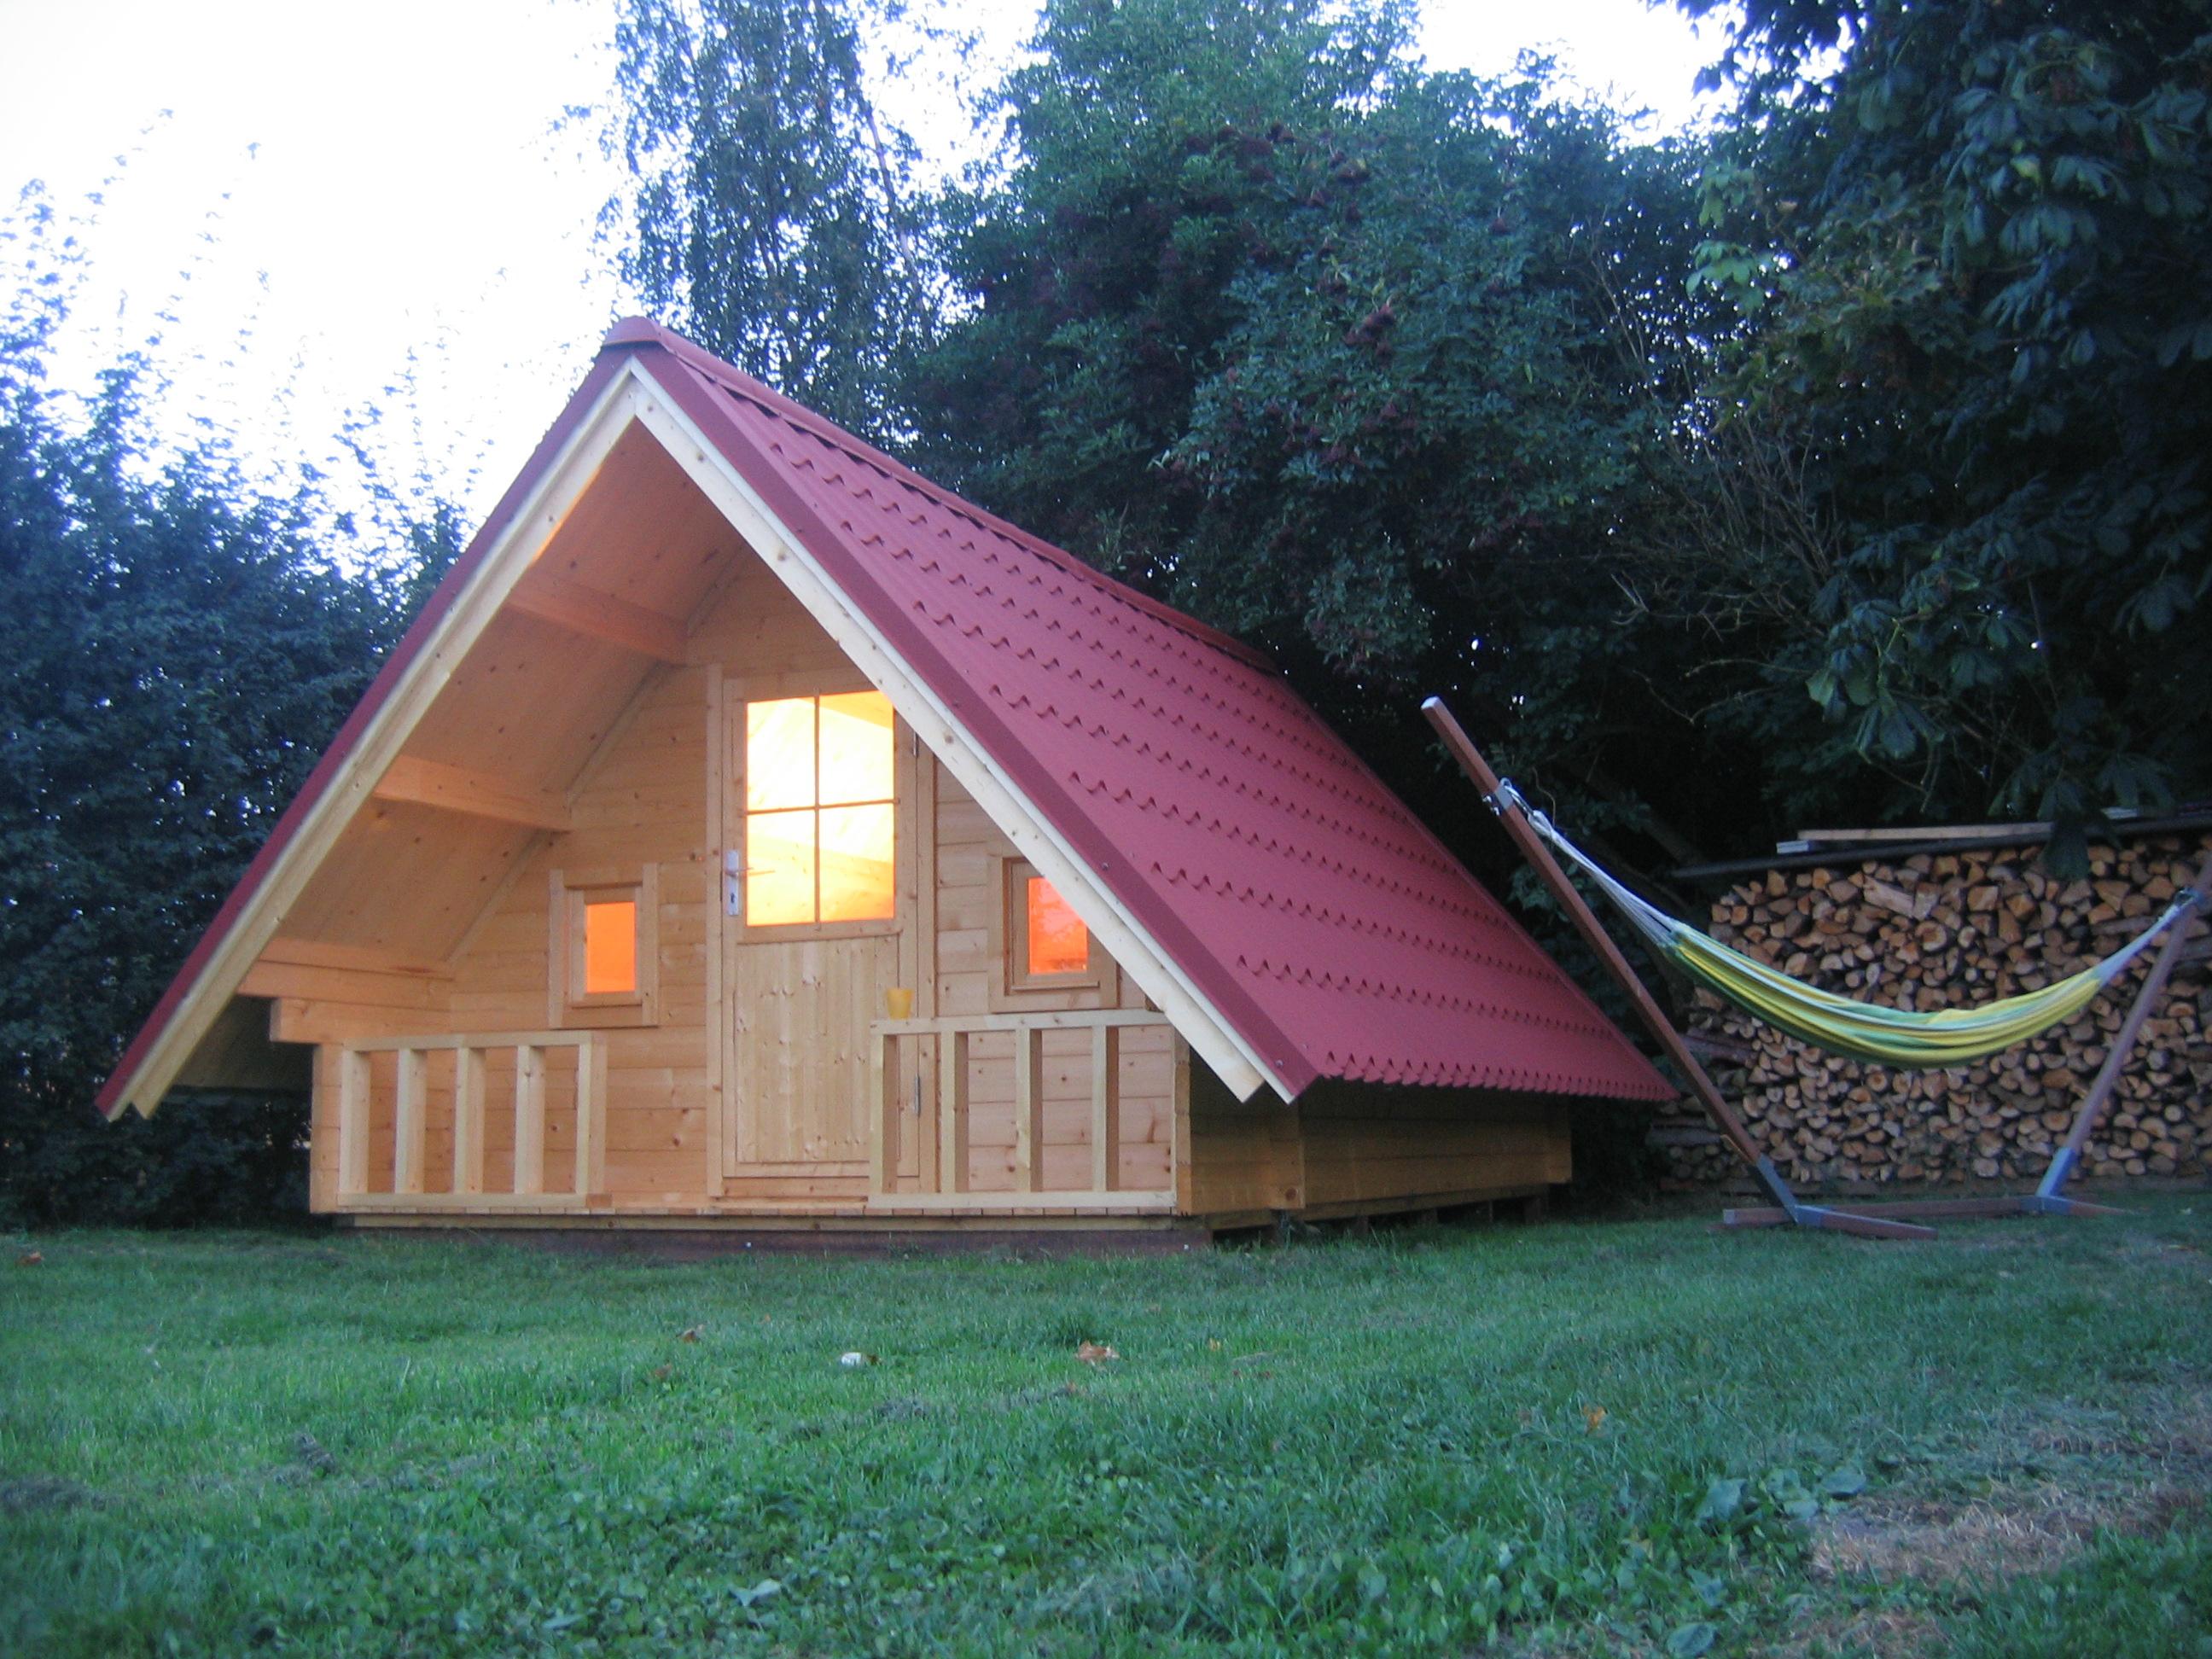 Fins Vakantie Huis : Home beku loghomes